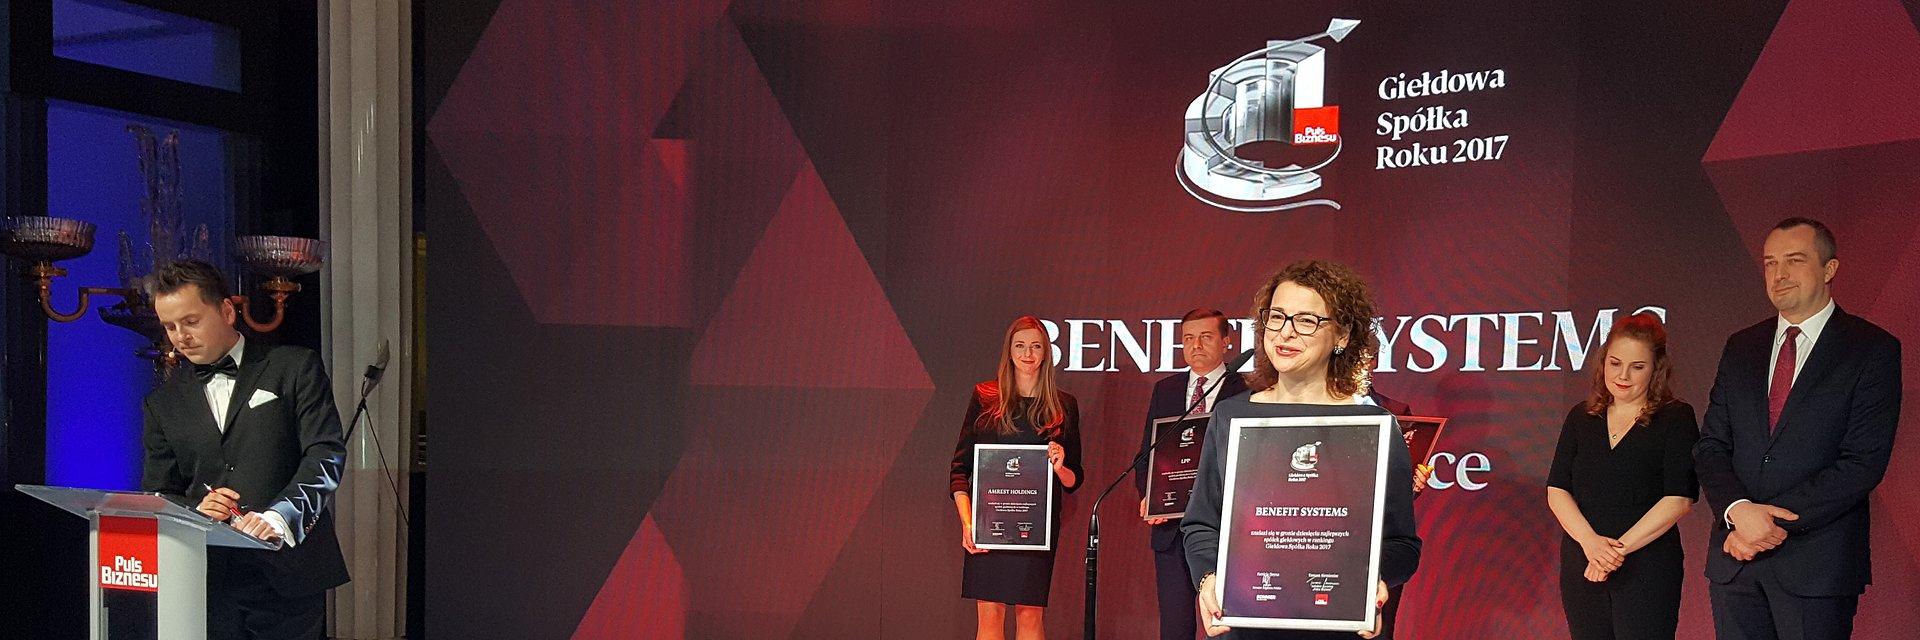 Benefit Systems z dwiema nagrodami w konkursie Giełdowa Spółka Roku